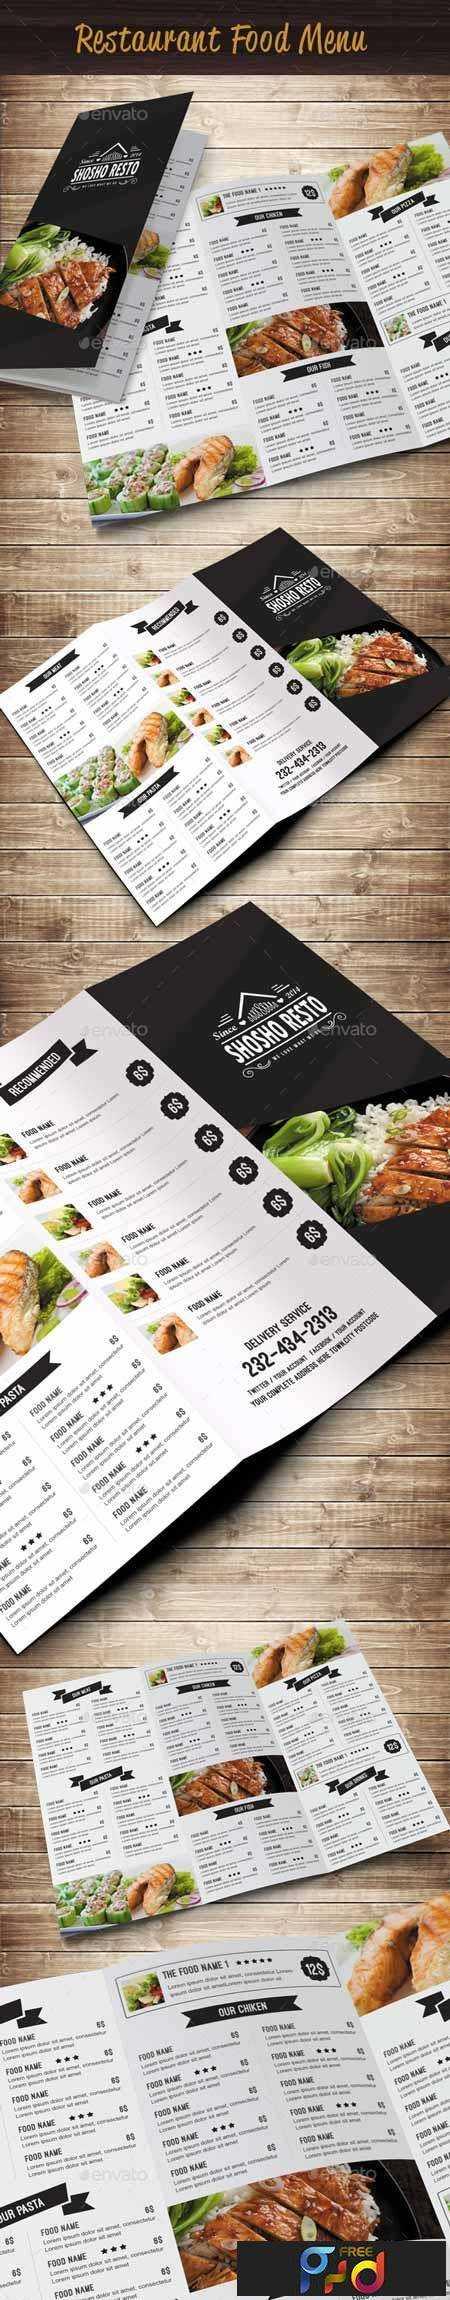 freepsdvn-com_1453228678_restaurant-food-menu-14458620